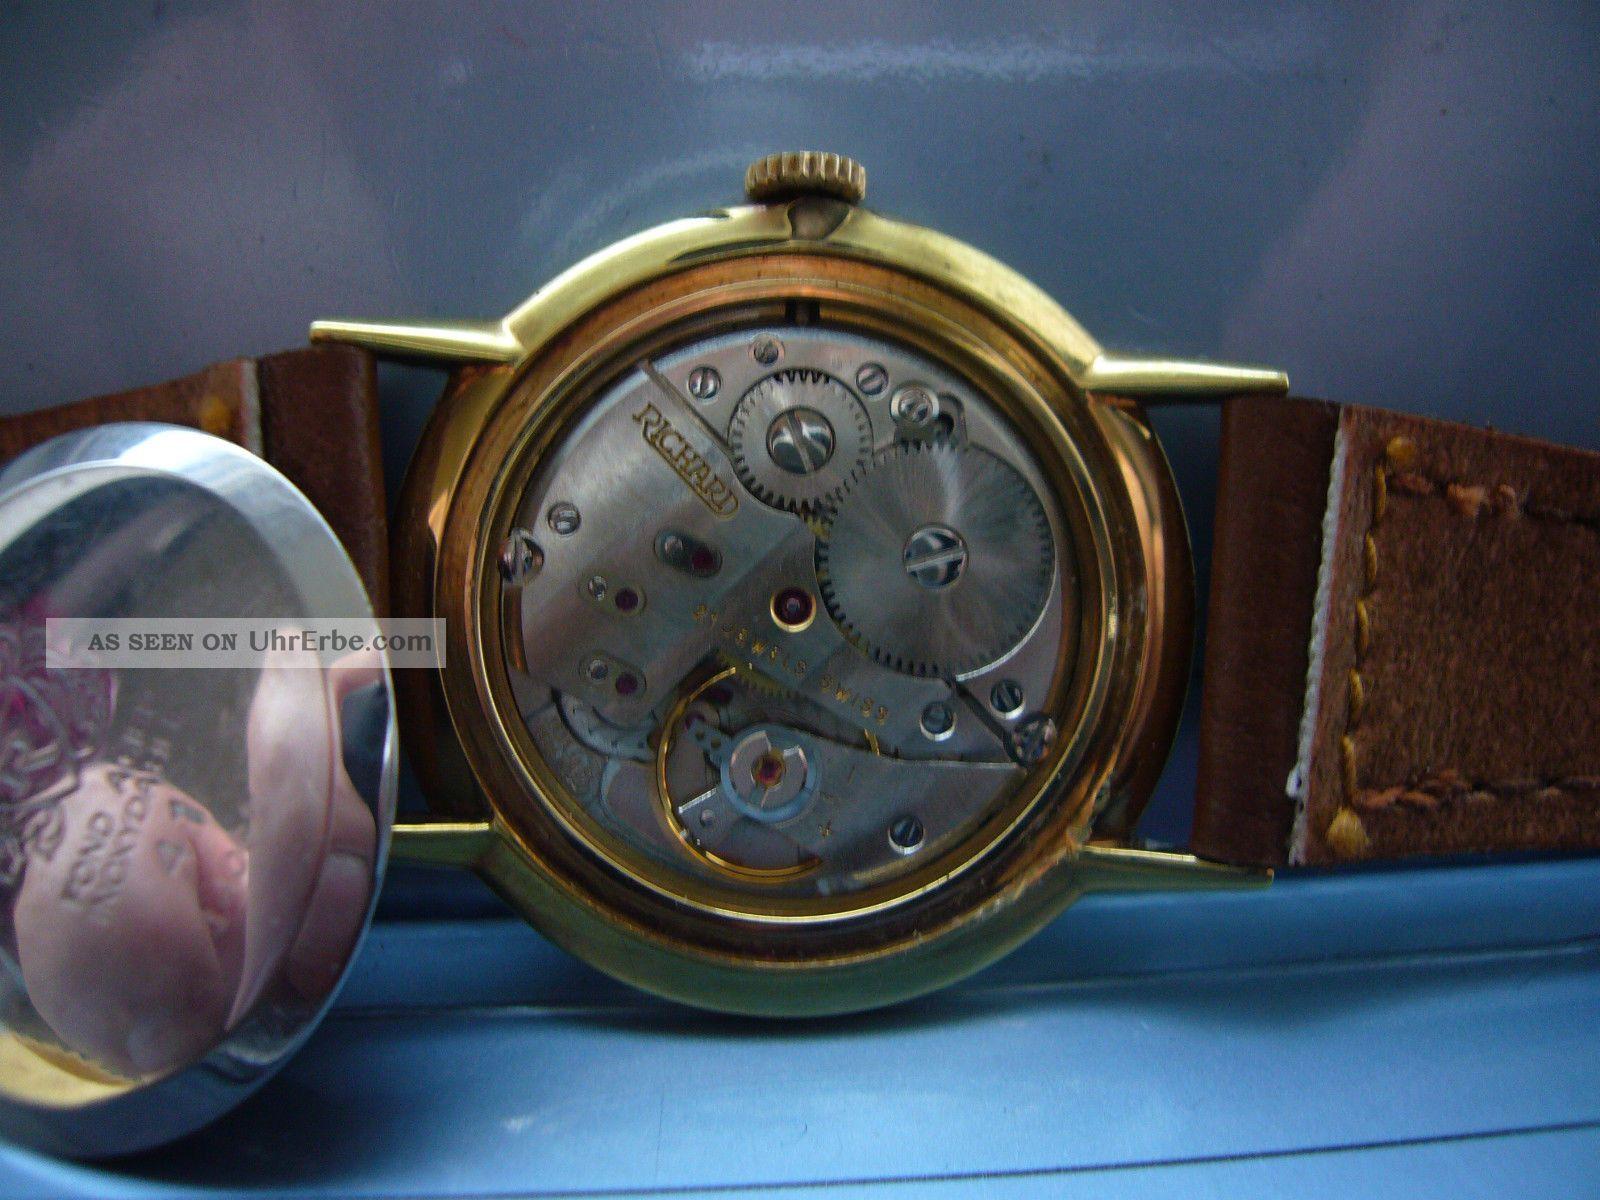 ... Digital /scheiben Herren Armband Uhr, Puw - 1560 Armbanduhren Bild turnierdirektor stich holt federer zu den bet-at-home open nach  7